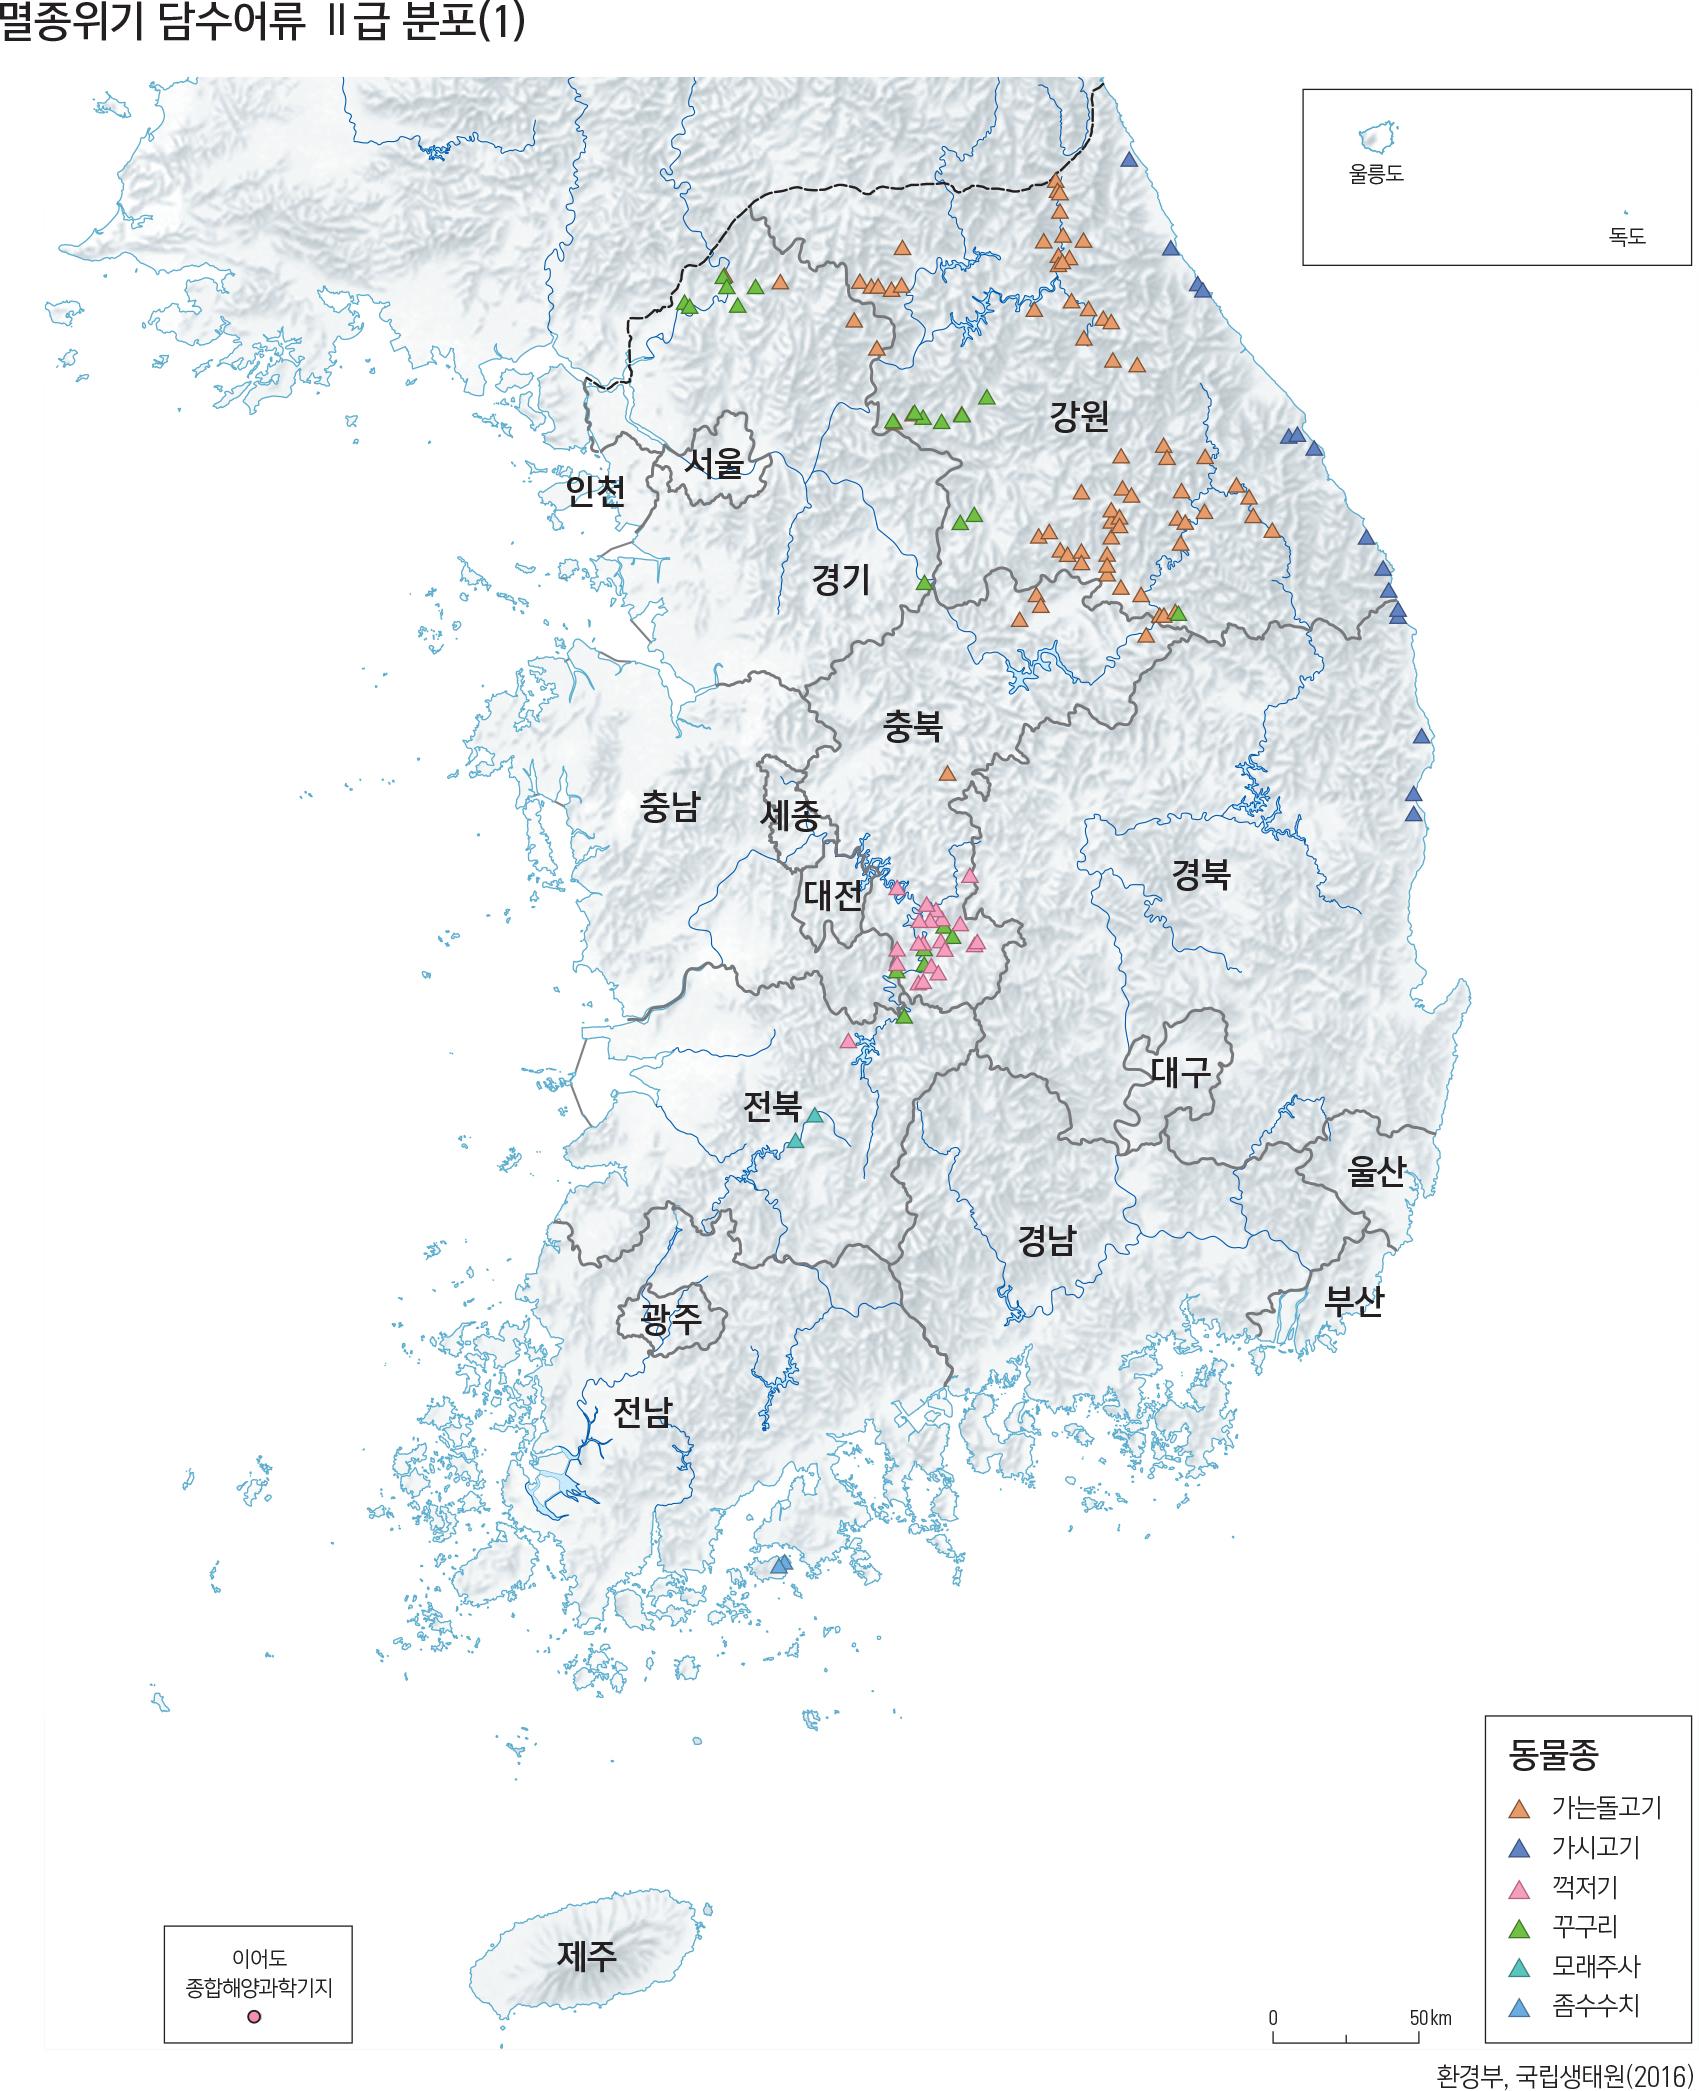 멸종위기 담수어류 II급 분포(1)